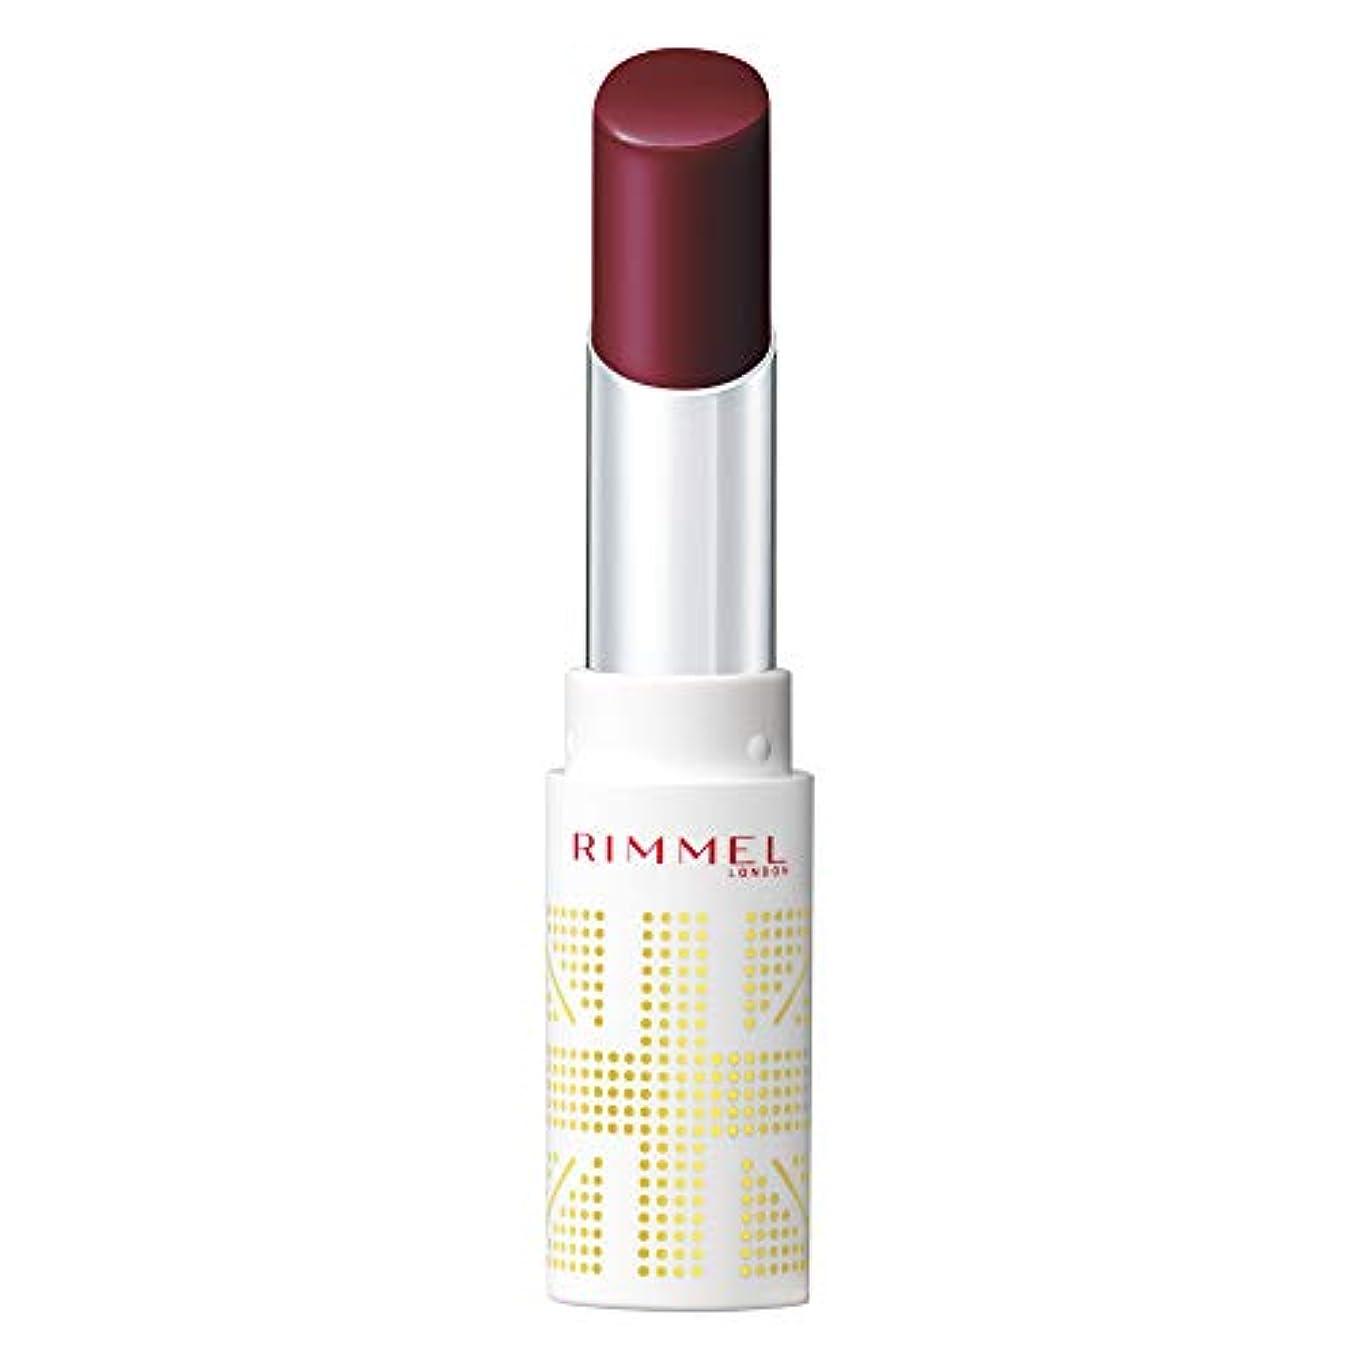 Rimmel (リンメル) リンメル ラスティングフィニッシュ オイルティントリップ 006 バーガンディ 3.8g 口紅